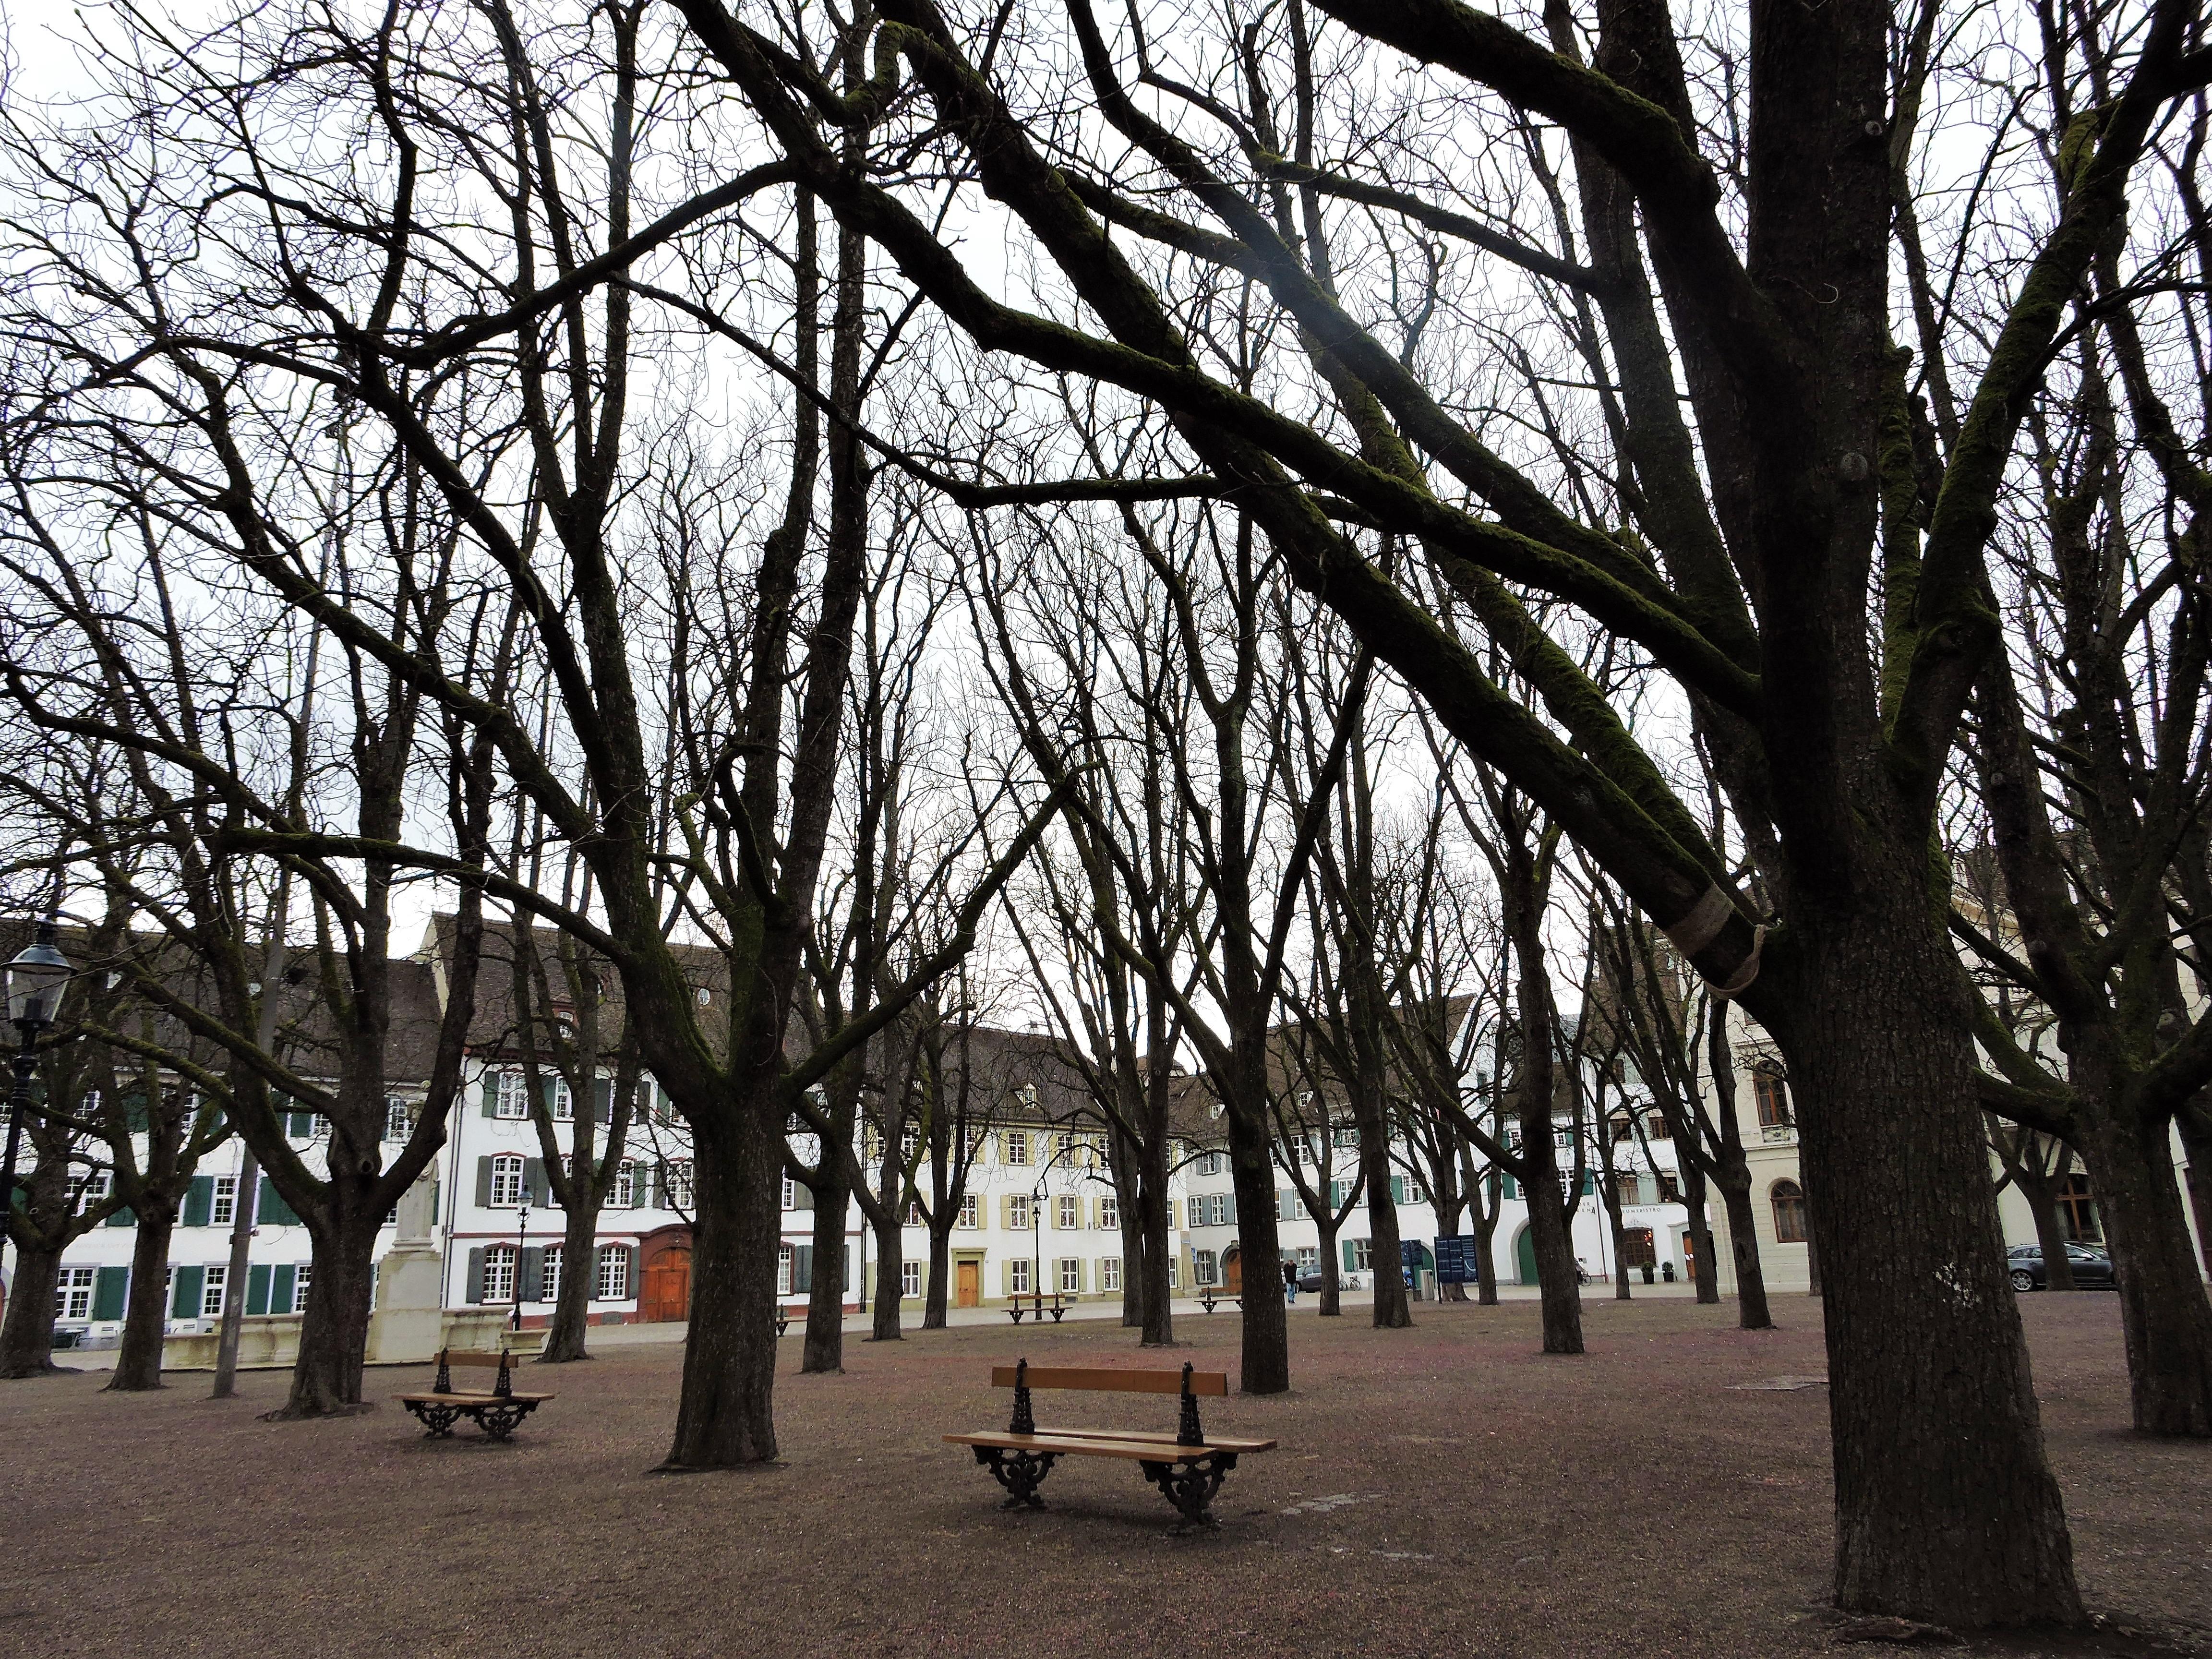 Plaza near the Munster Church Basel